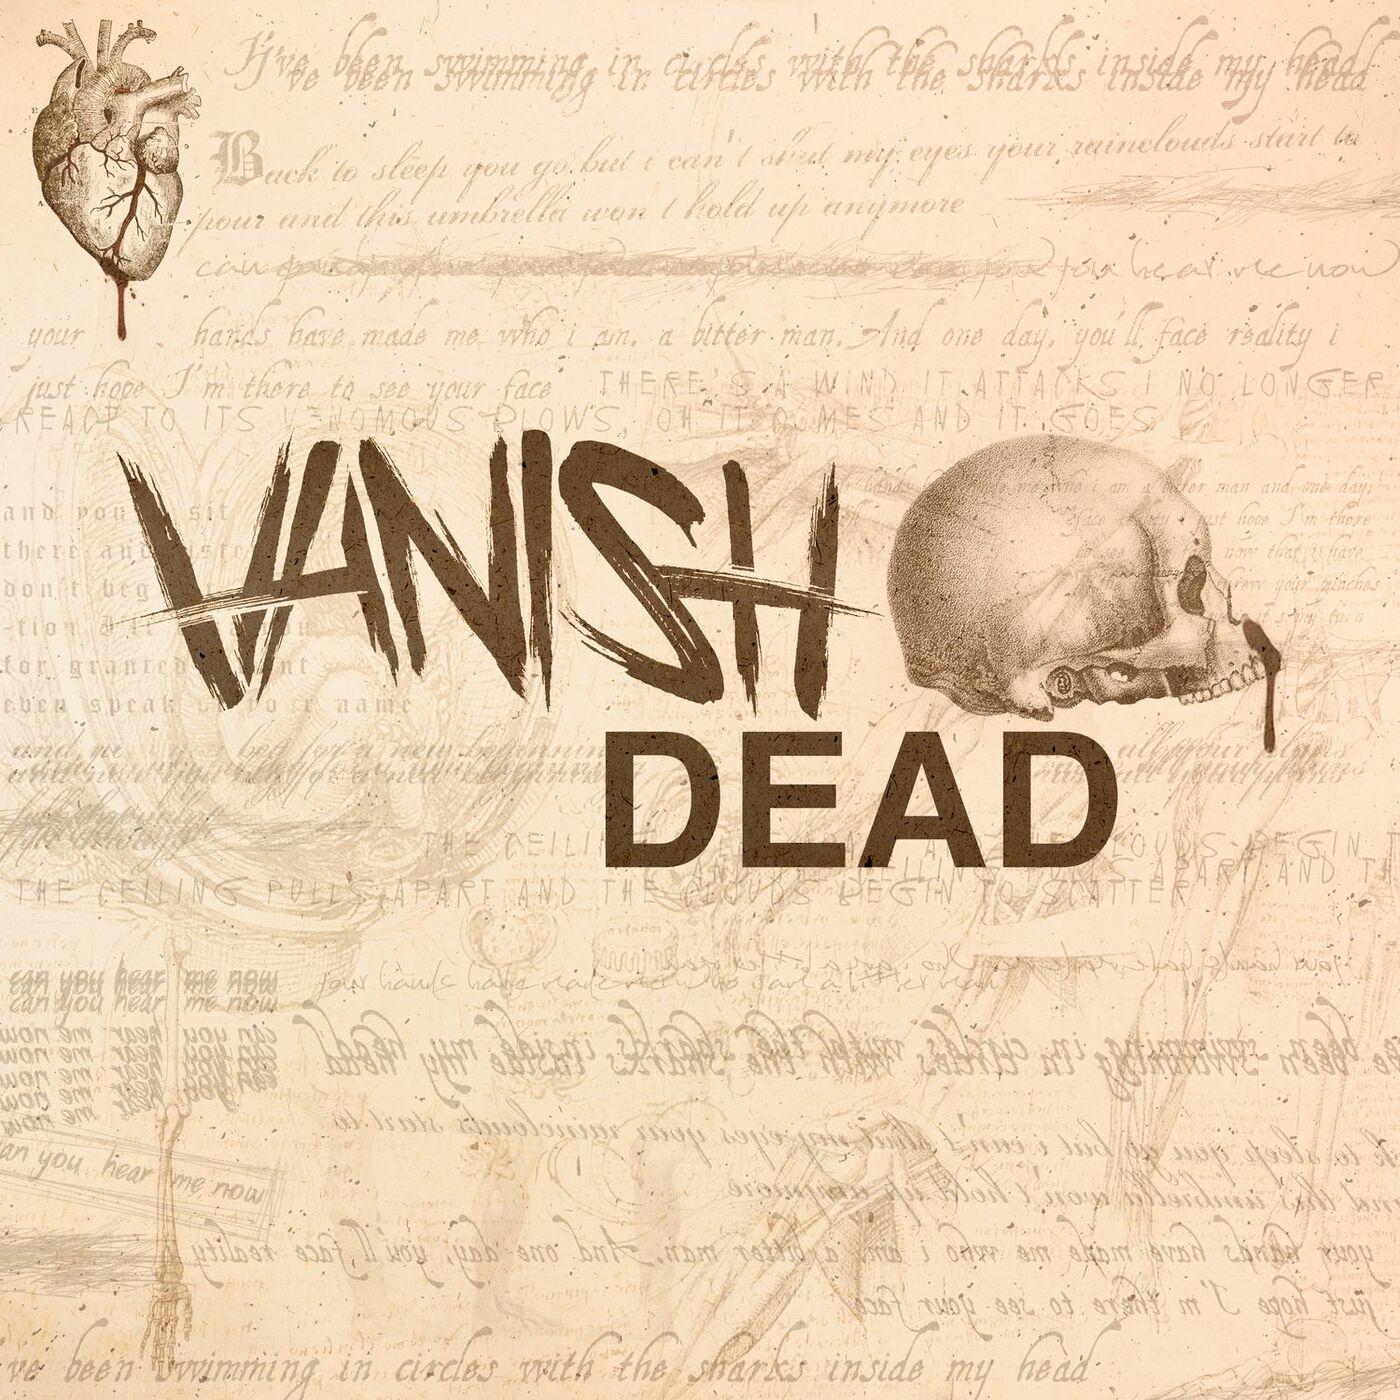 Vanish - Dead [single] (2017)